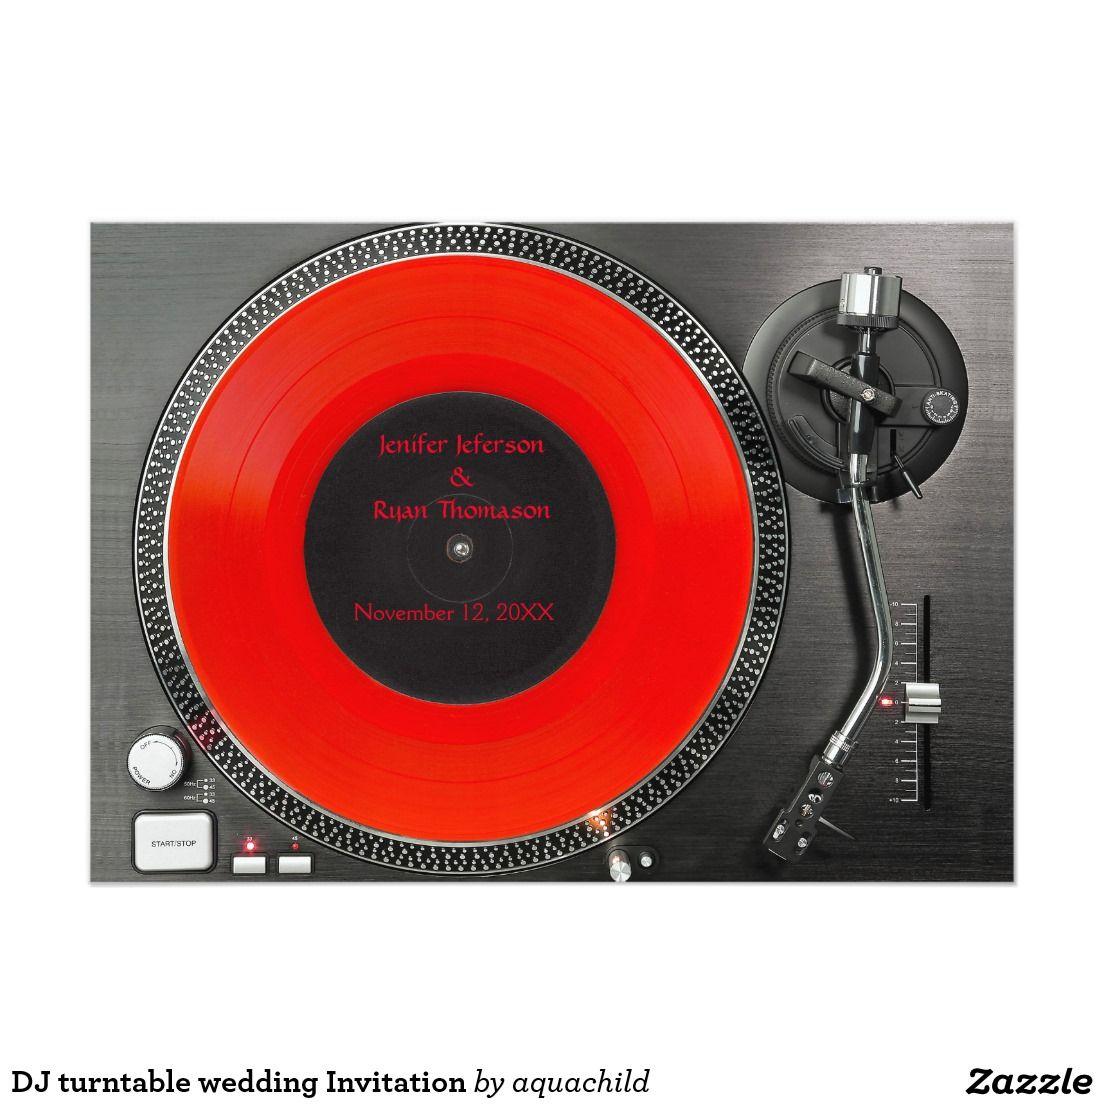 DJ turntable wedding Invitation | Customized unusual invitations ...